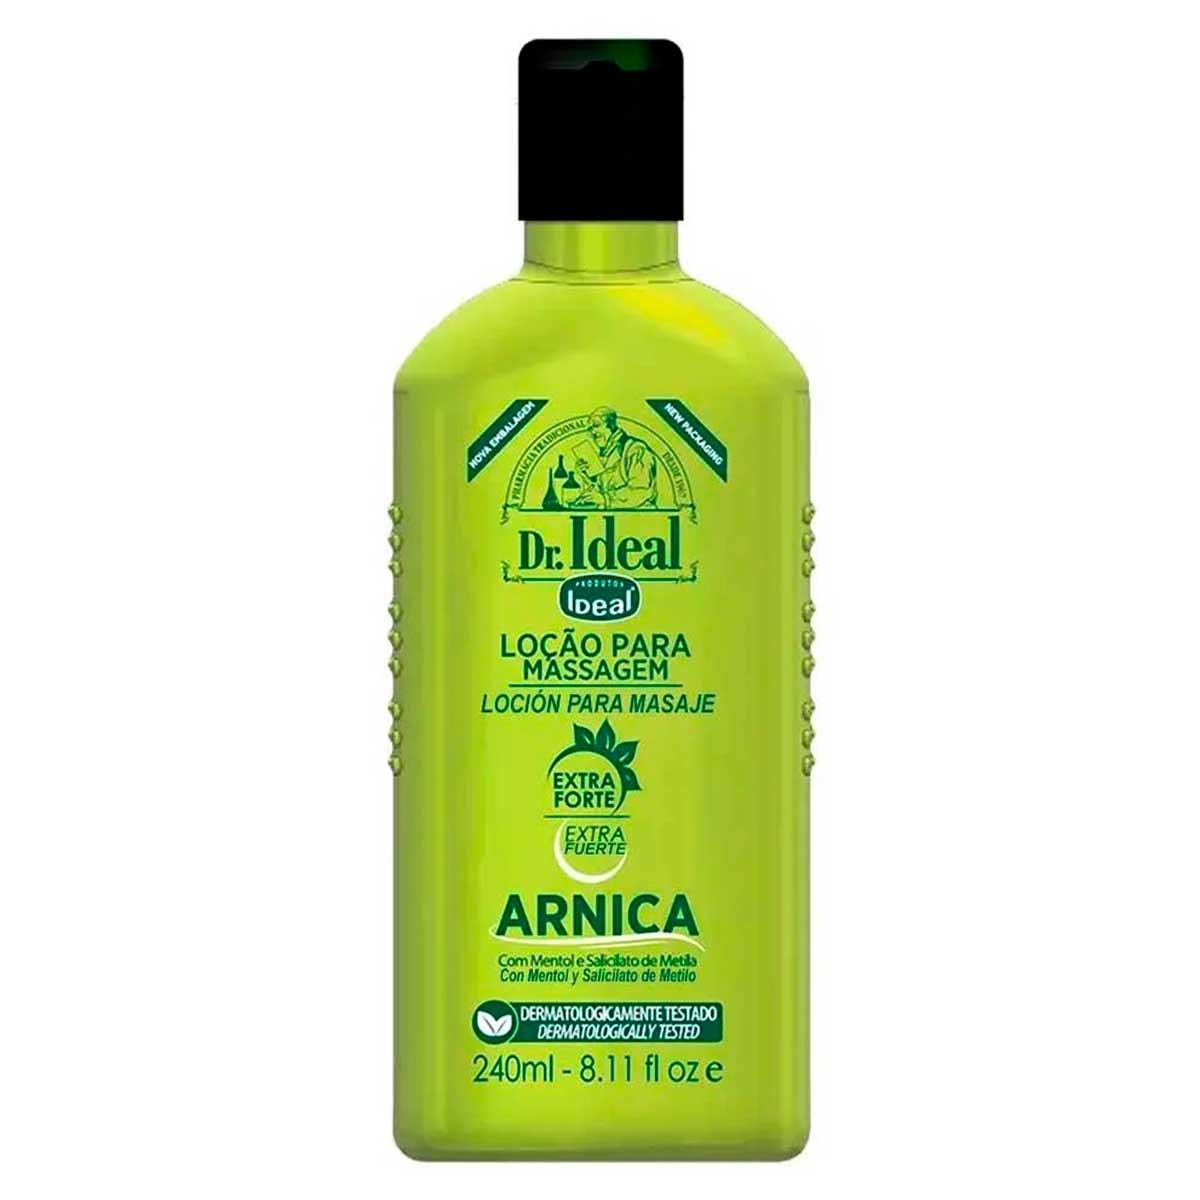 Loção para Massagem Arnica Extra Forte Dr Ideal 240ml